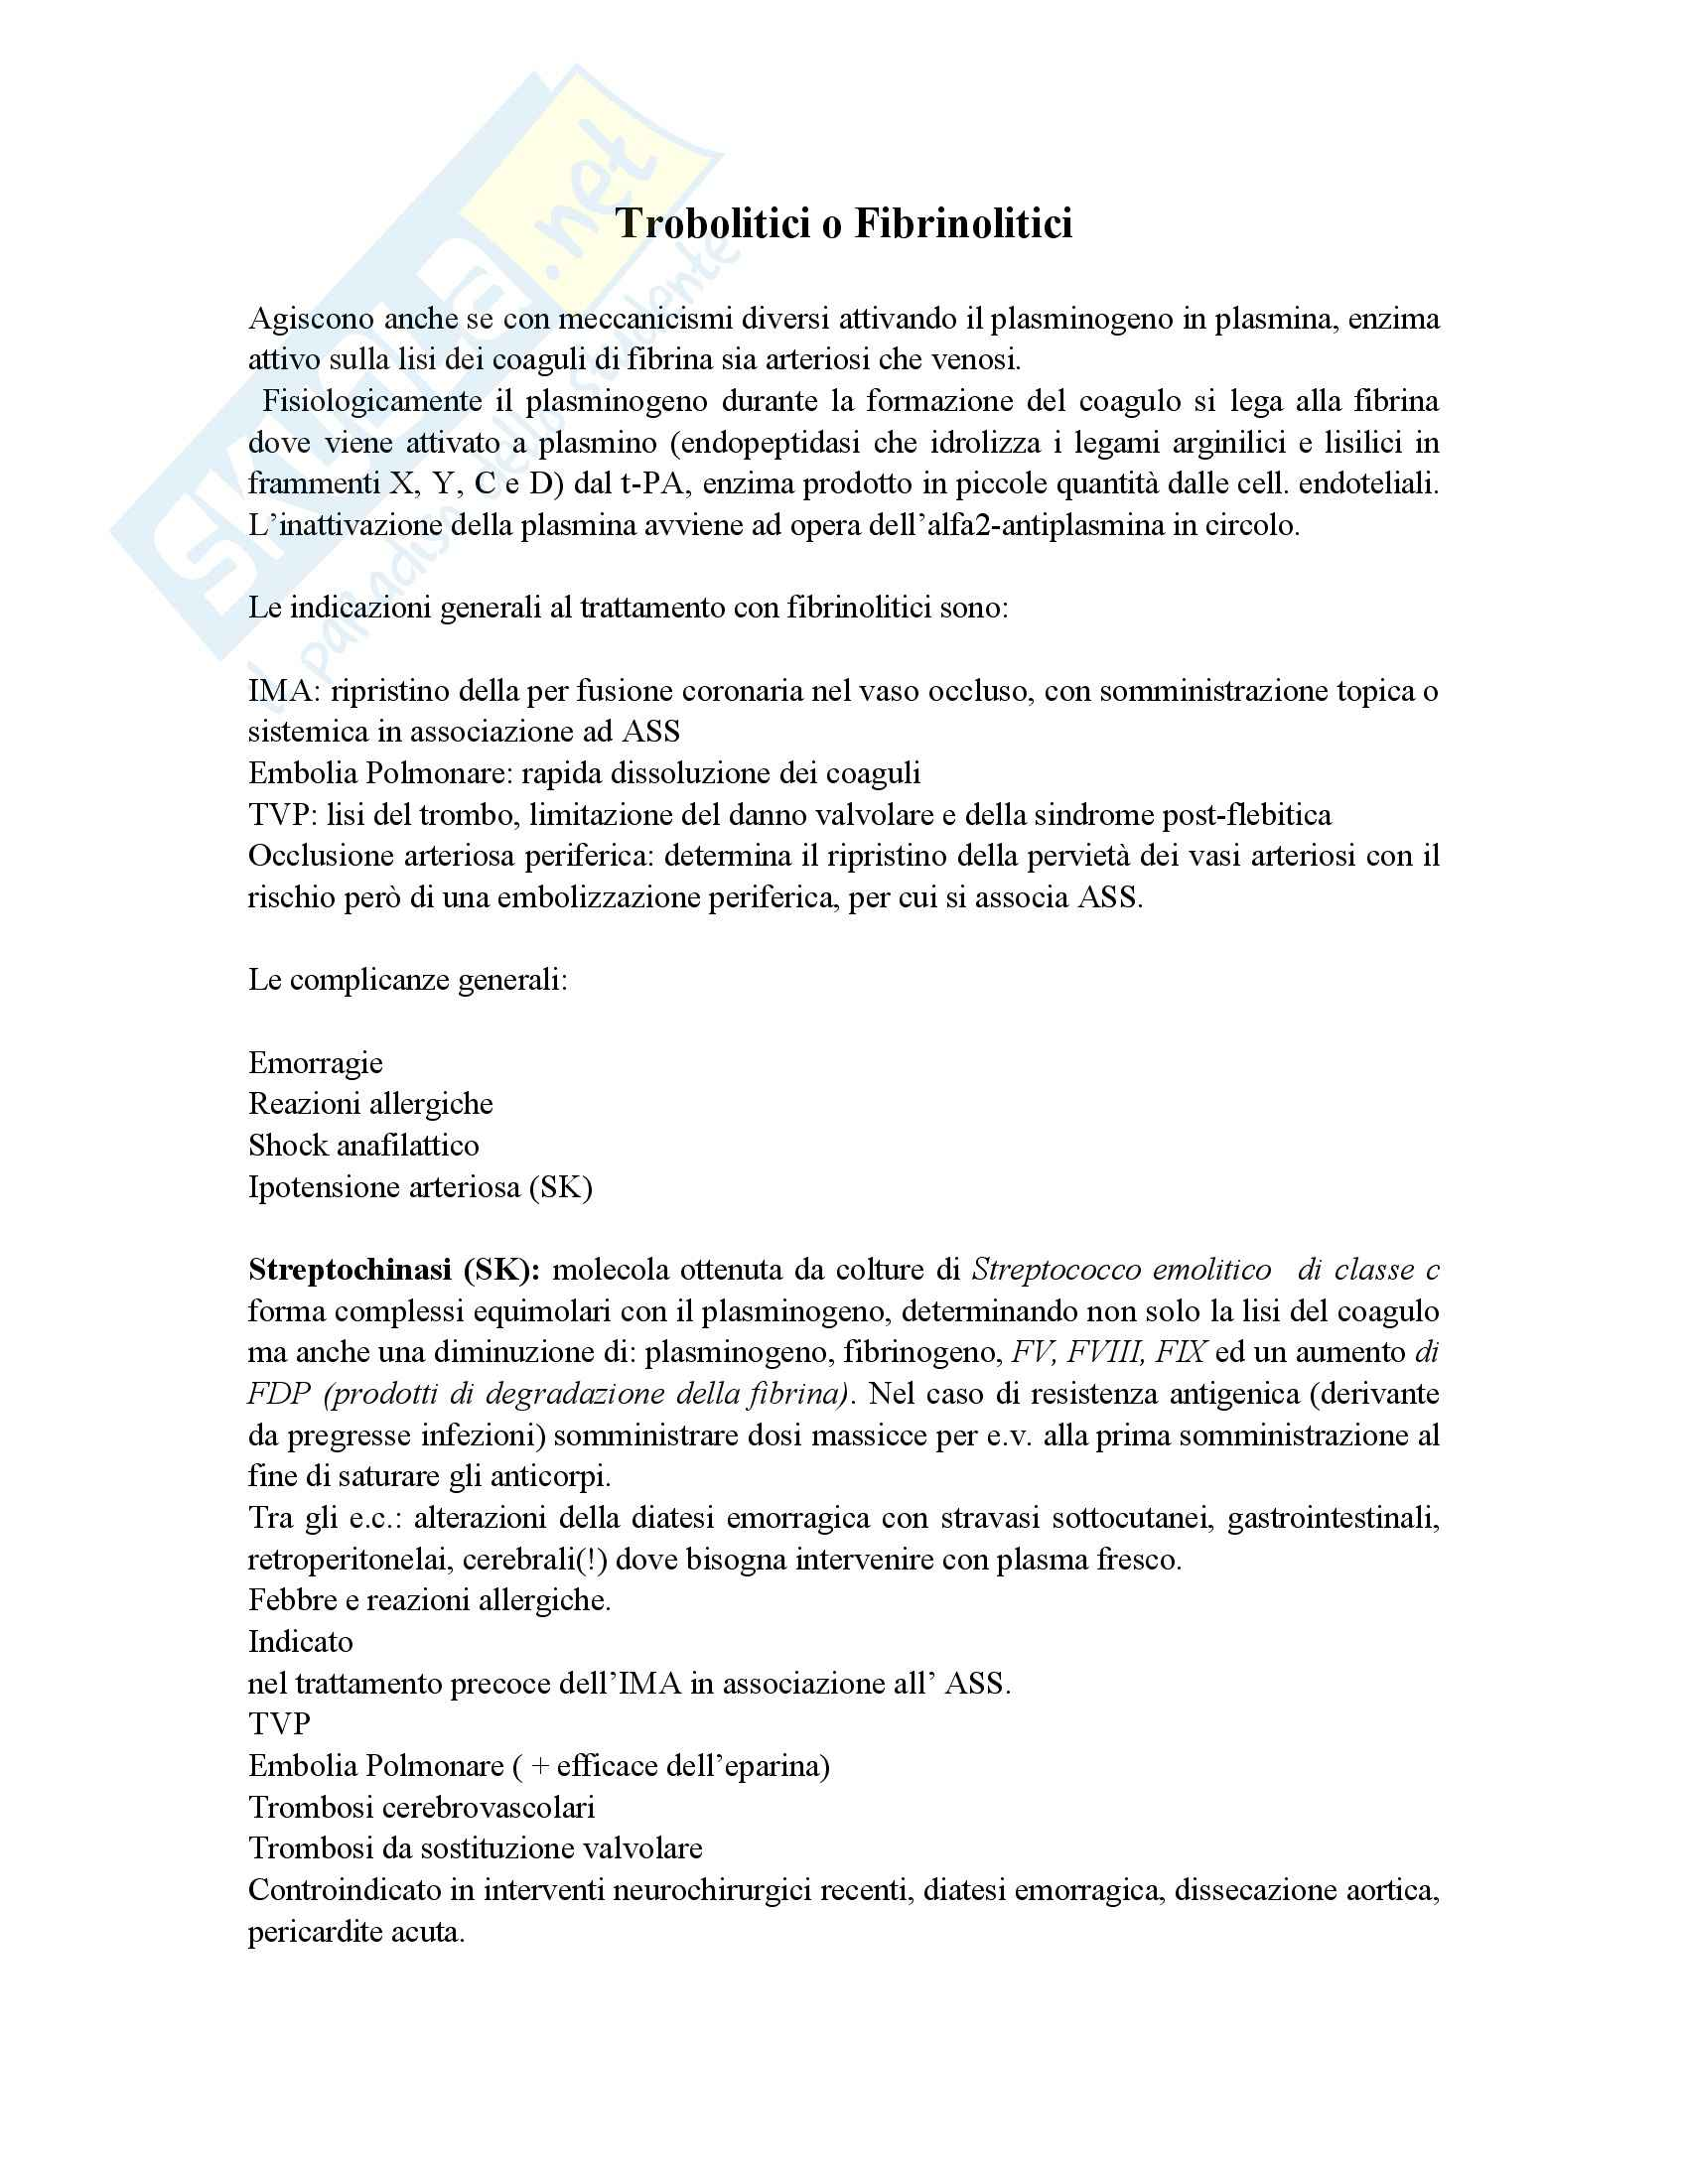 Farmacologia - trombolitici e fibrinolitici - Appunti